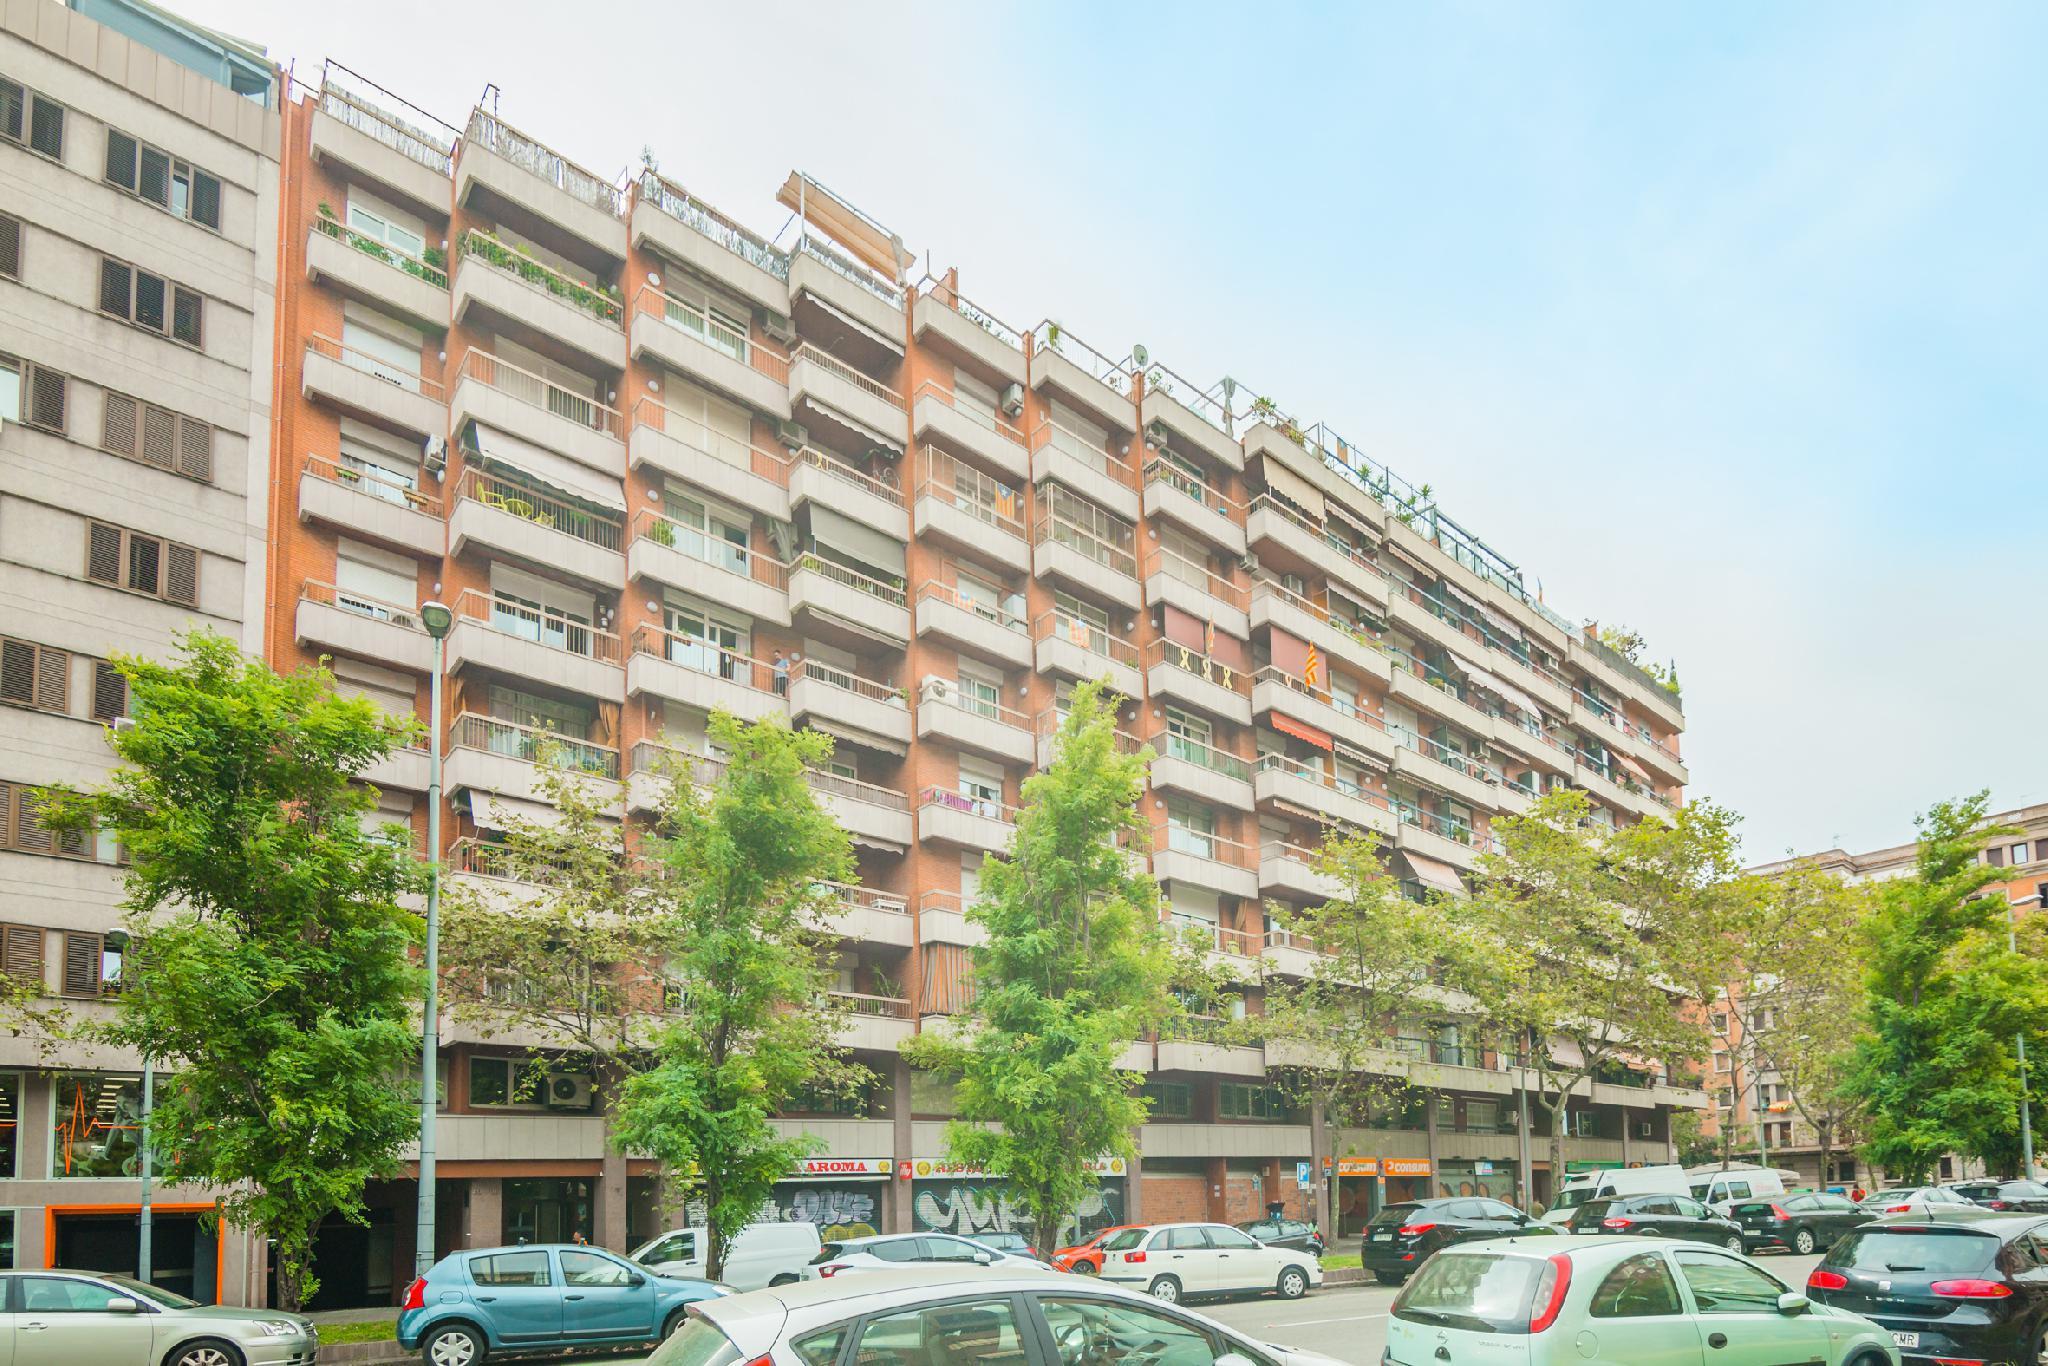 Imagen 2 Parking Coche en venta en Barcelona / Avda. de Roma - Vilamarí